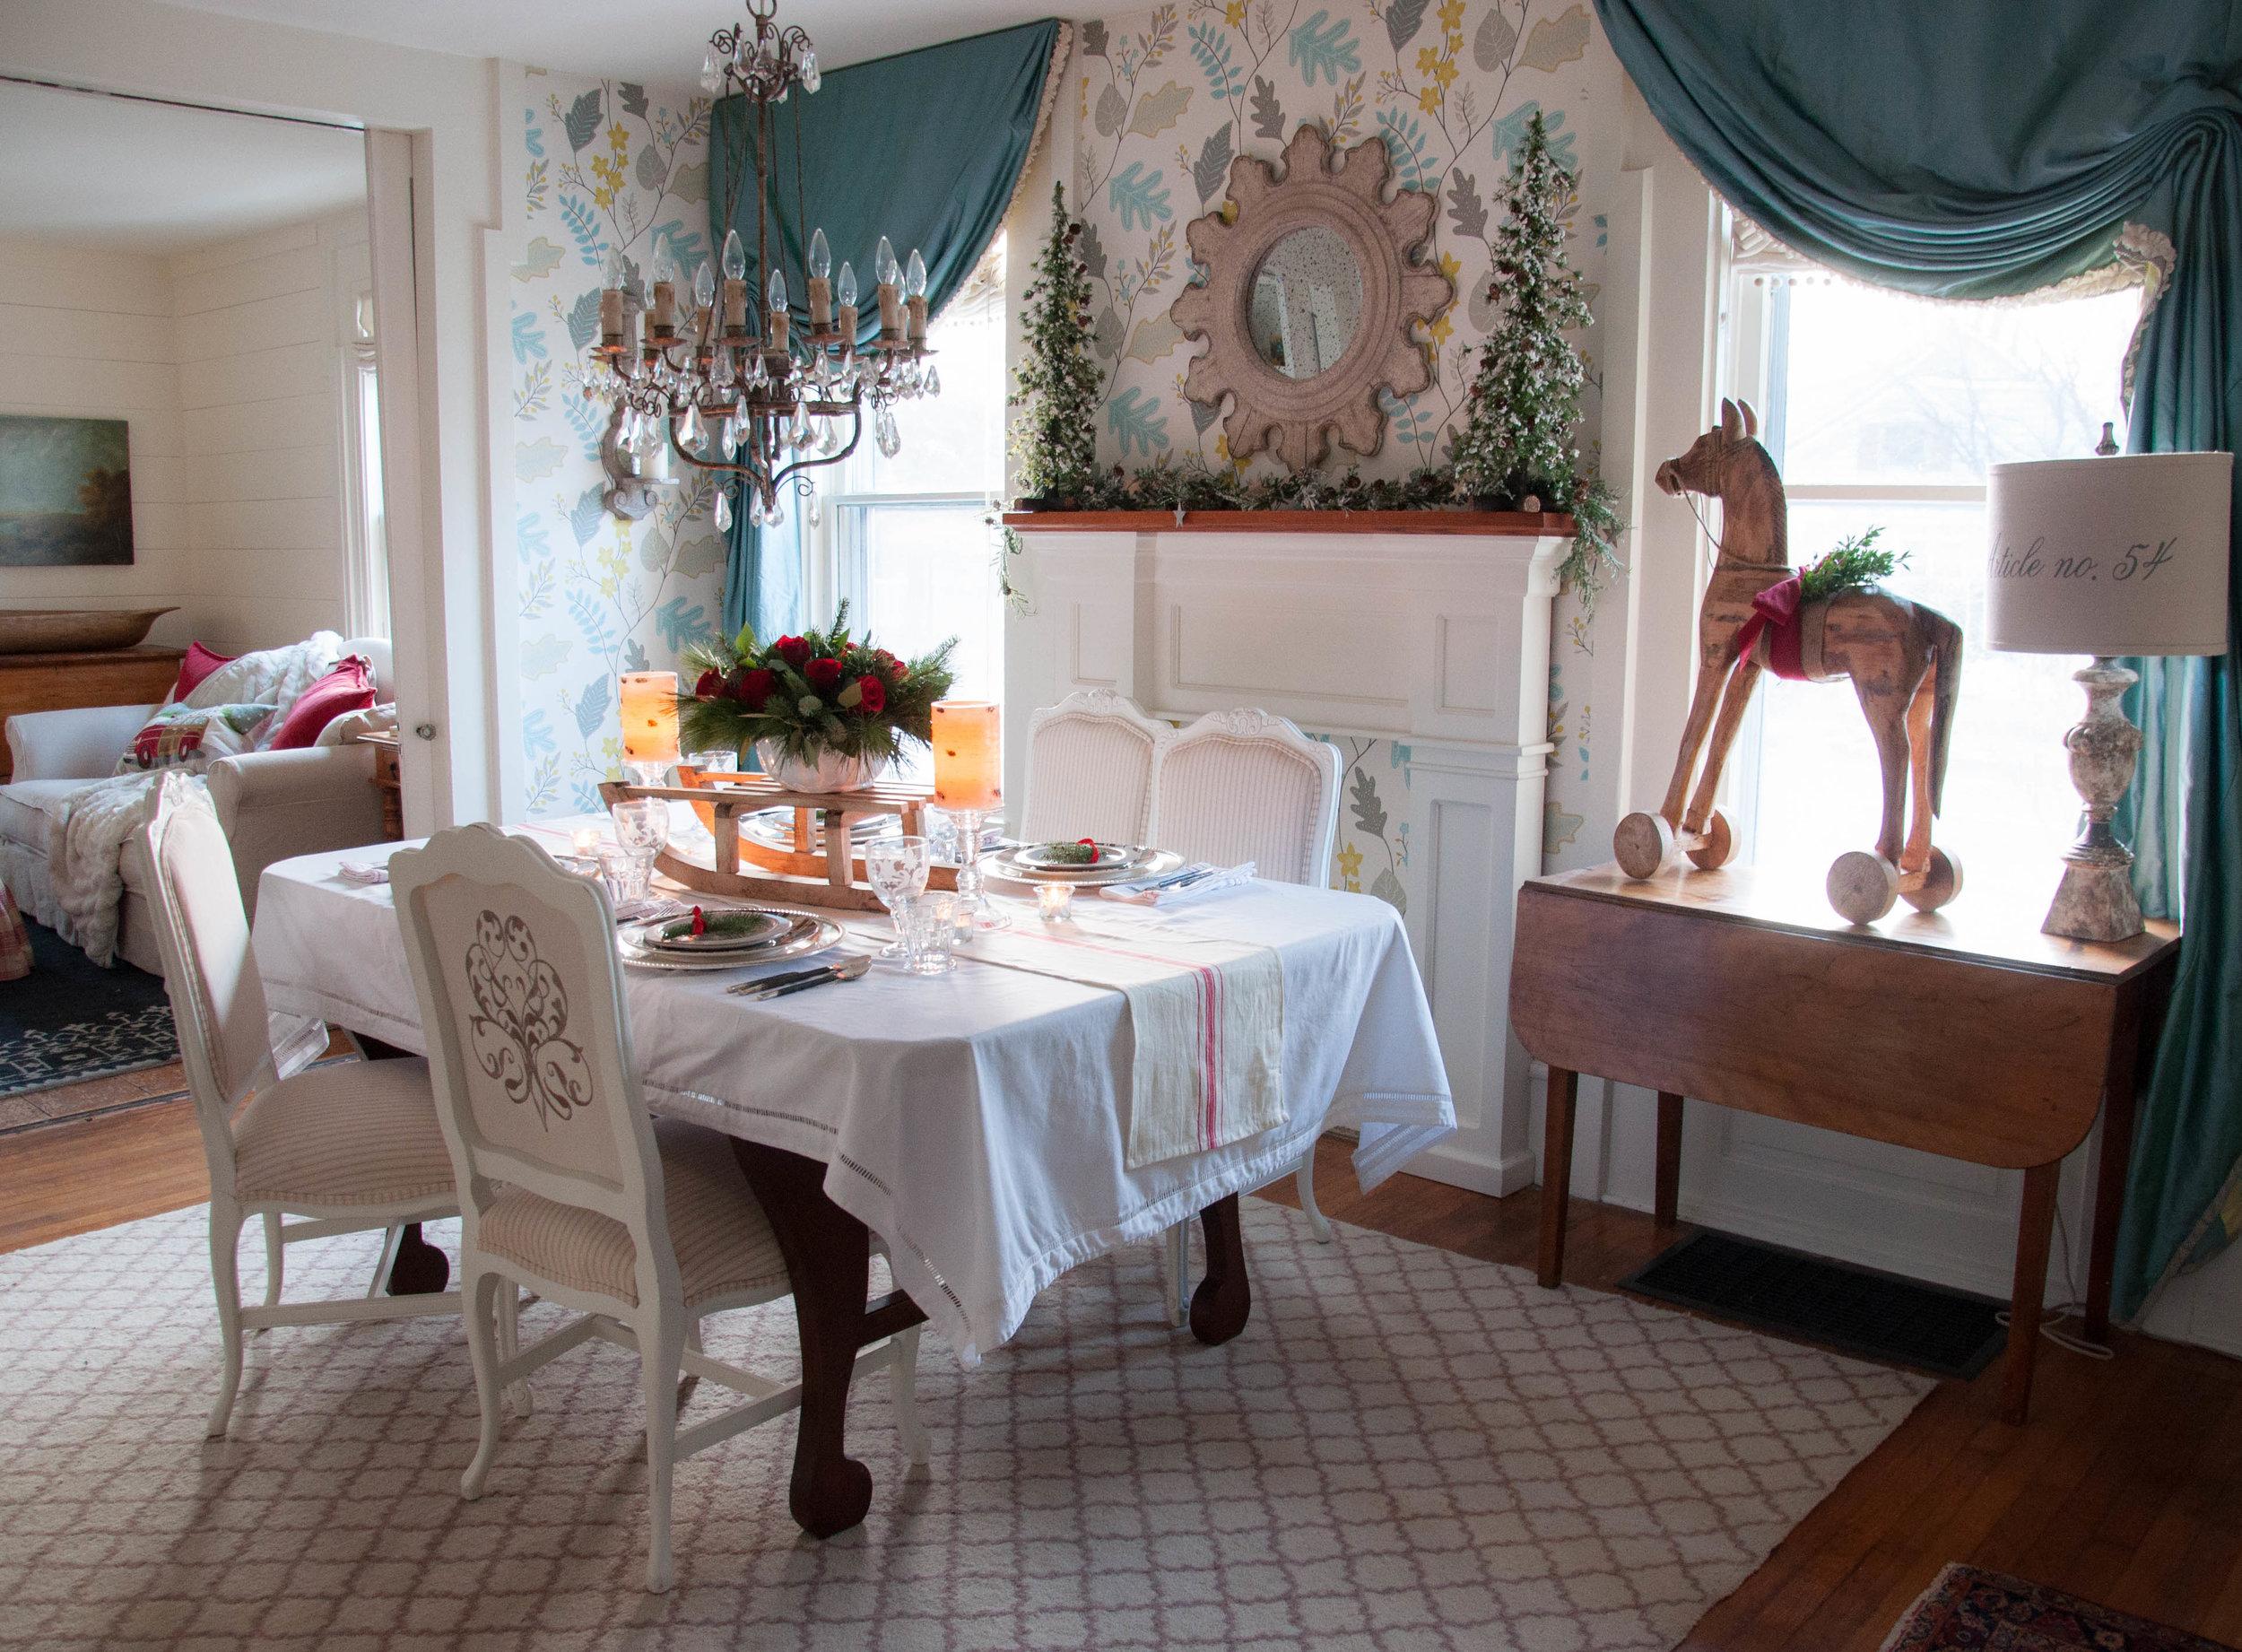 farmhouse-dining-room -Christmas